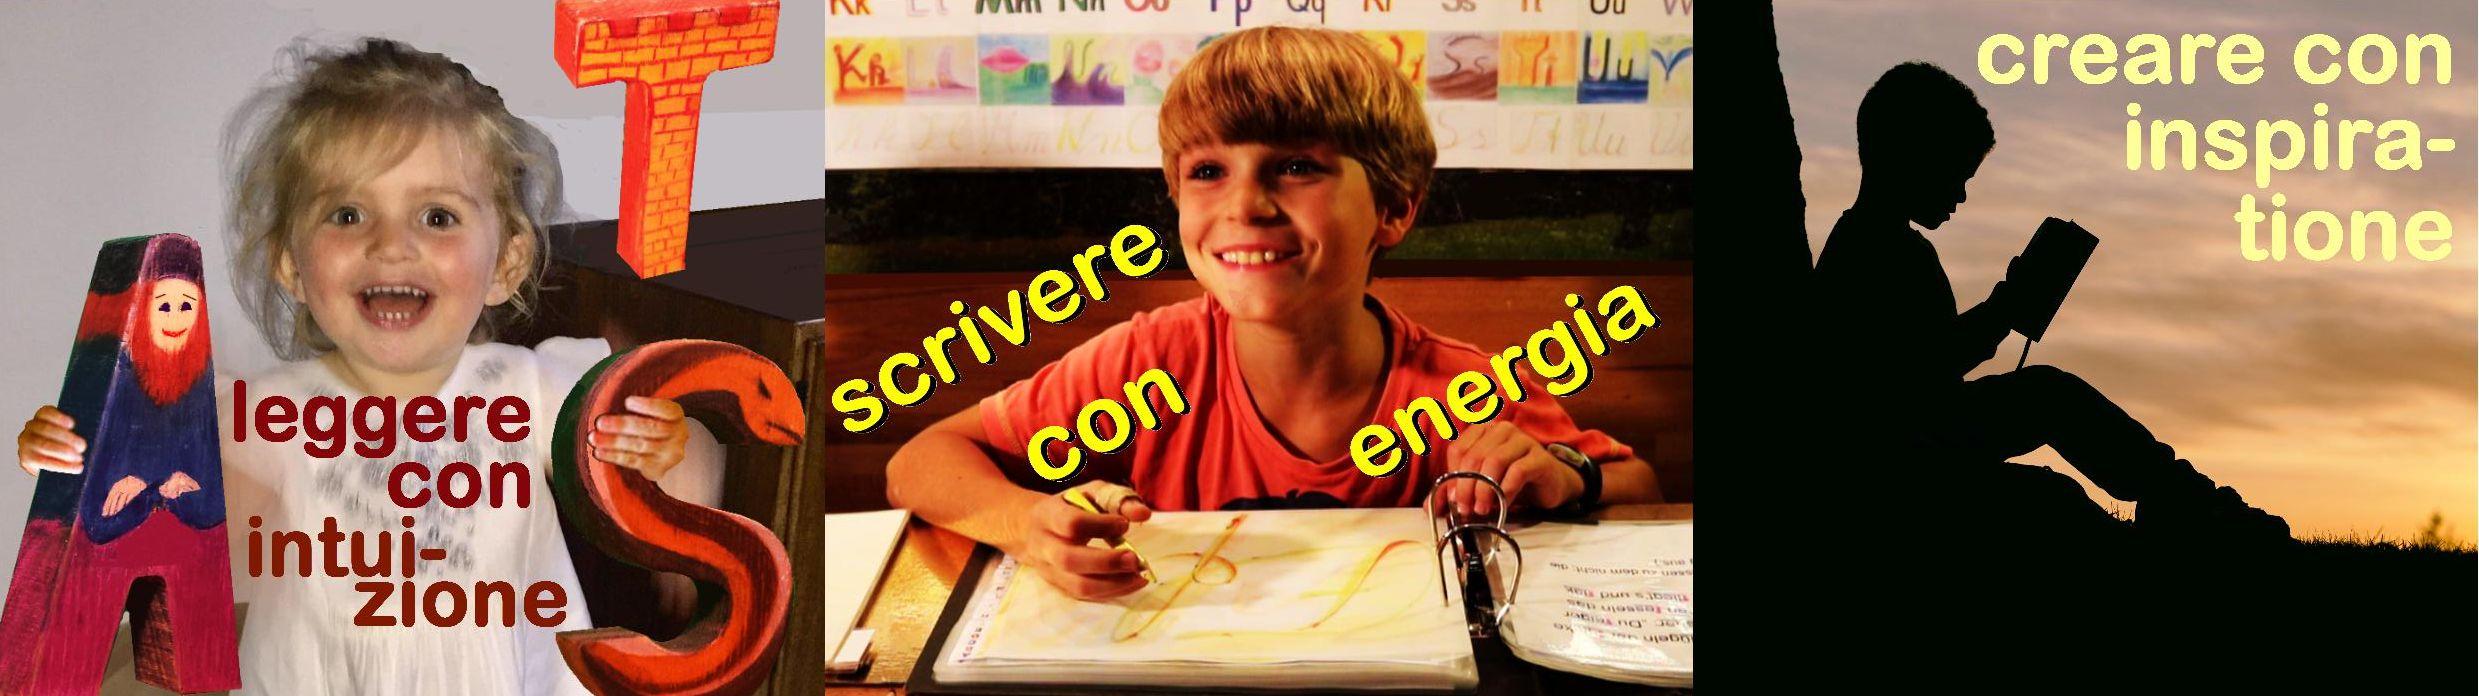 it_con-intuitione-energia-e-inspiratione